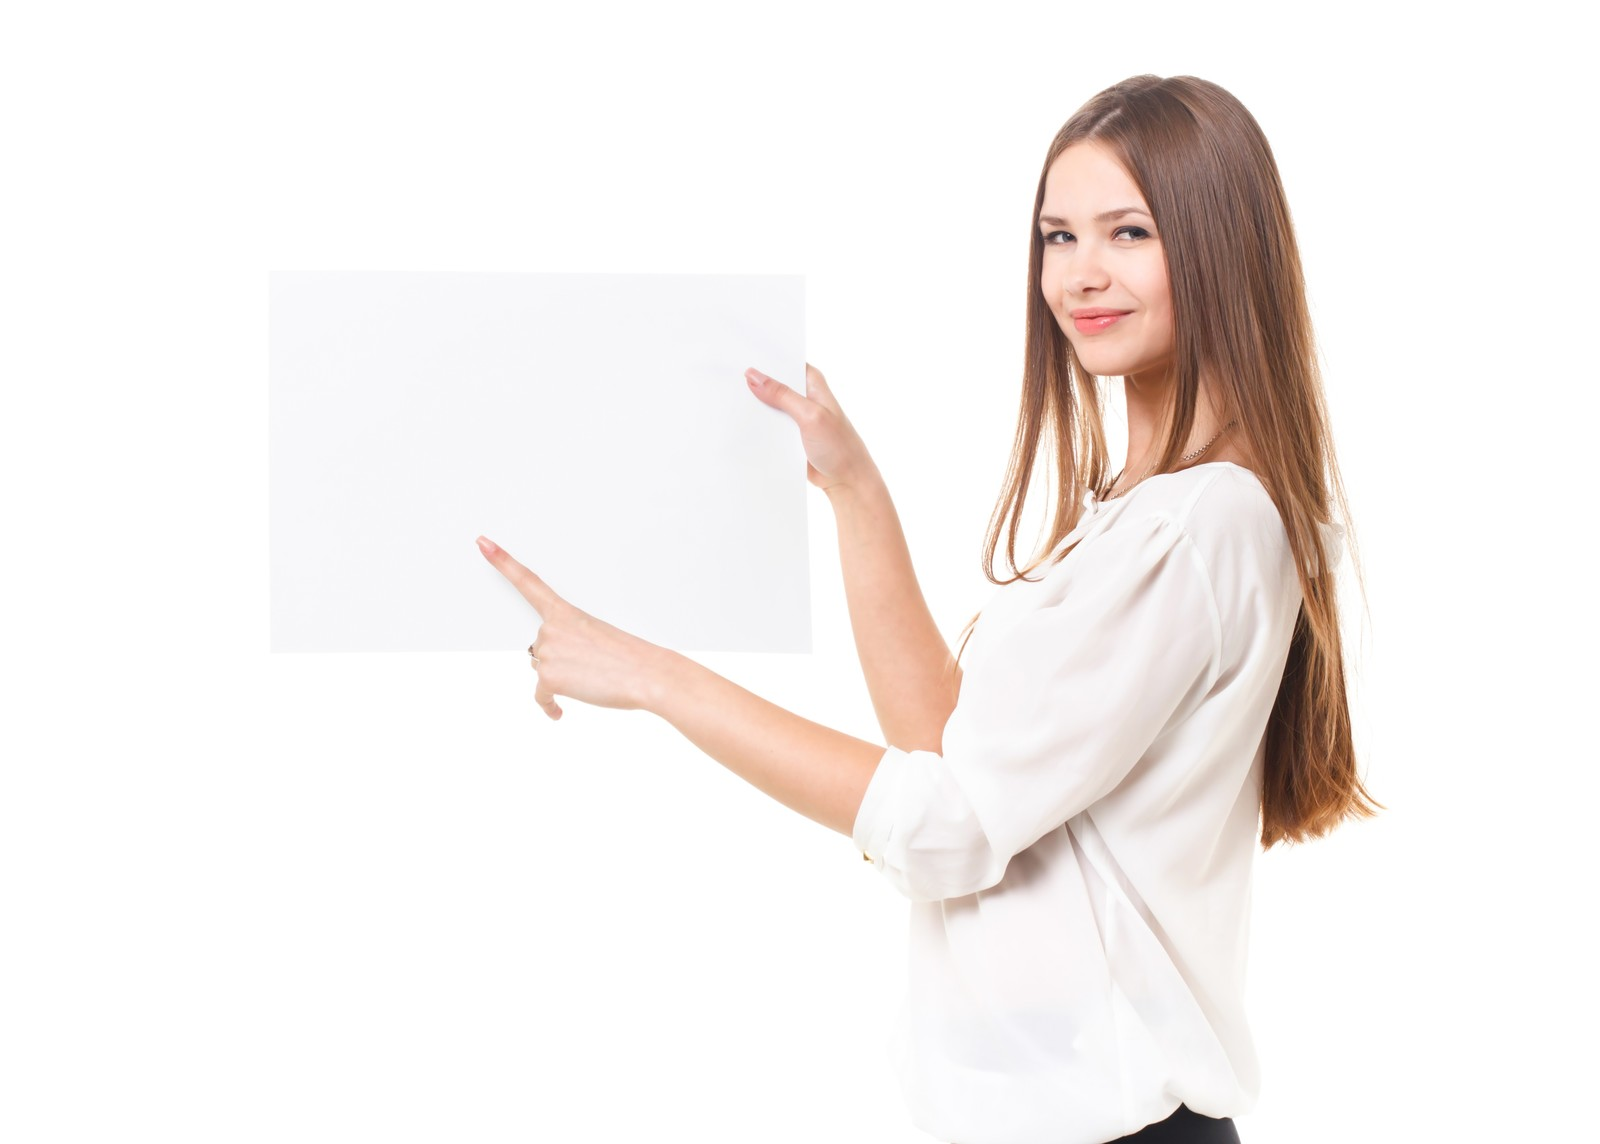 「白いボードに指をさす外国人の女性白いボードに指をさす外国人の女性」[モデル:モデルファクトリー]のフリー写真素材を拡大